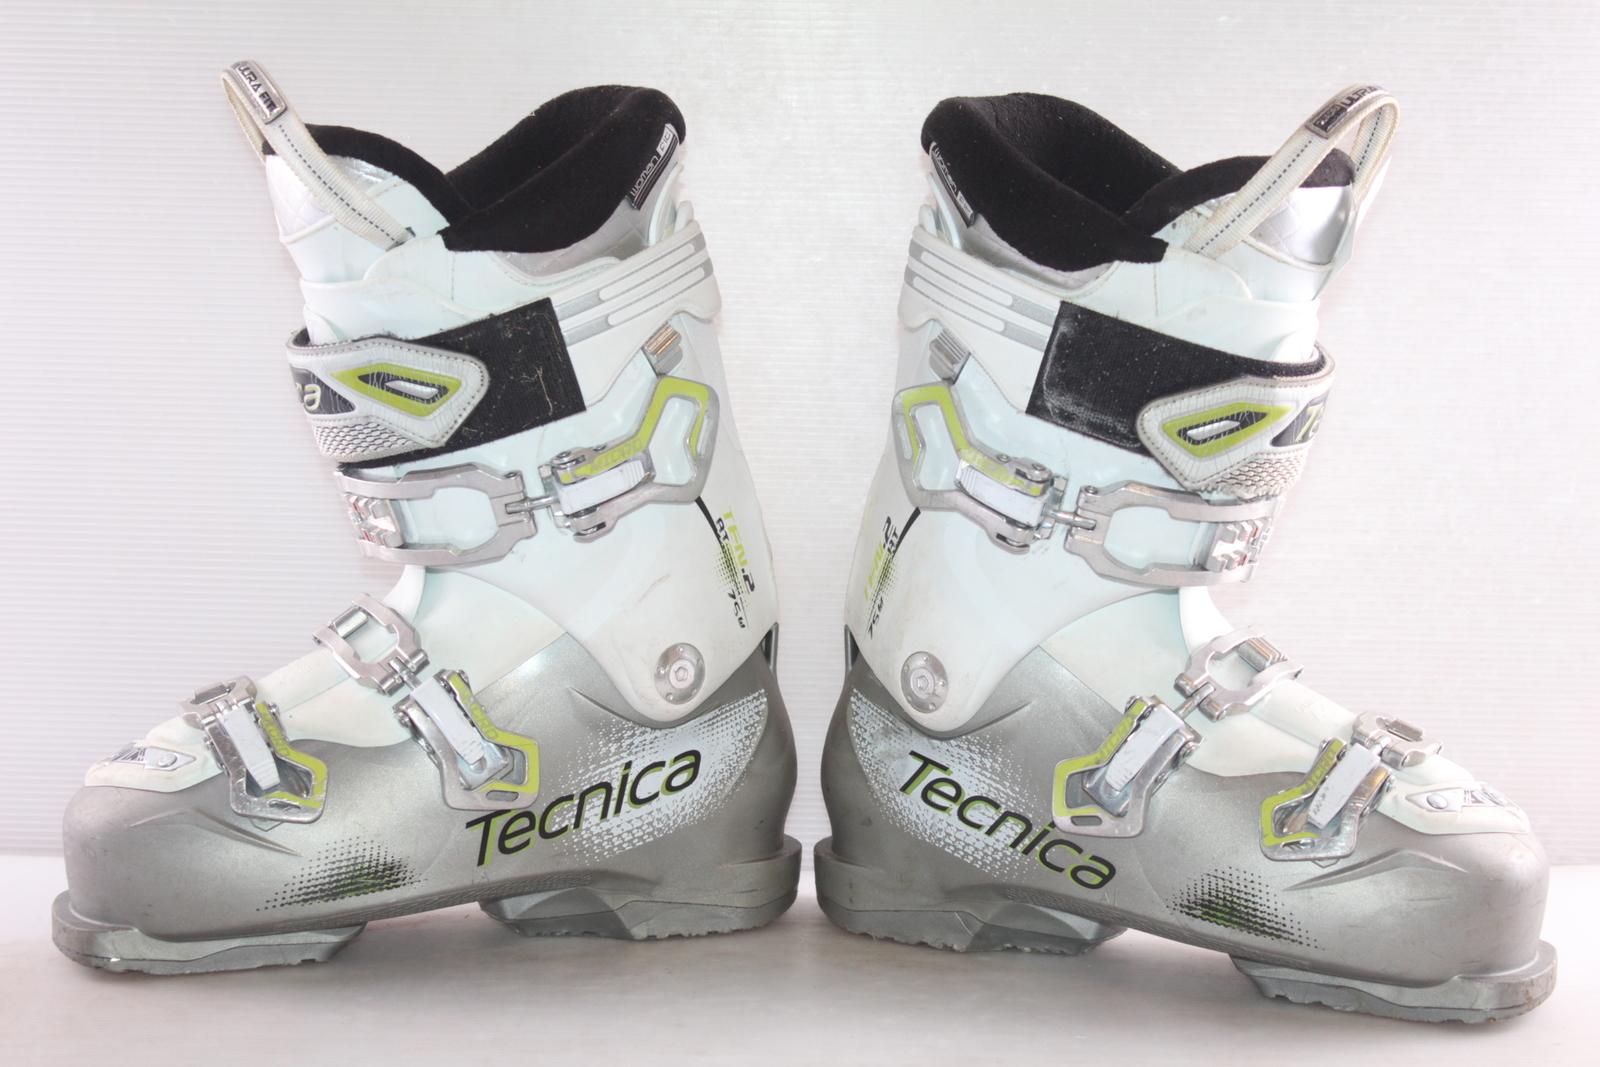 Dámské lyžáky Tecnica Ten.2 RT 75 W vel. EU39 flexe 75